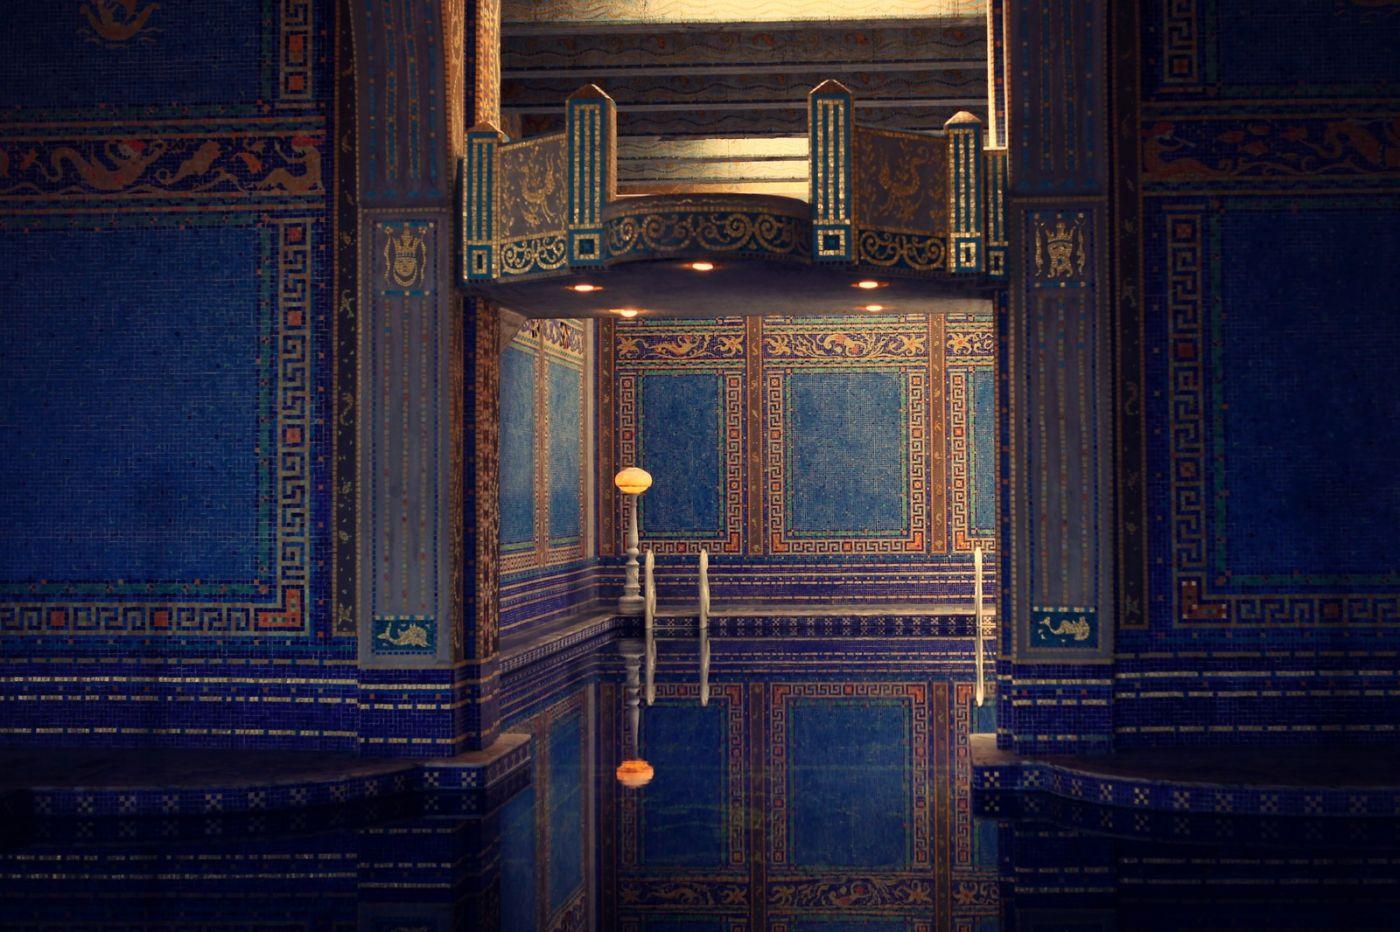 加州赫斯特城堡,主人的游泳池很开眼_图1-8